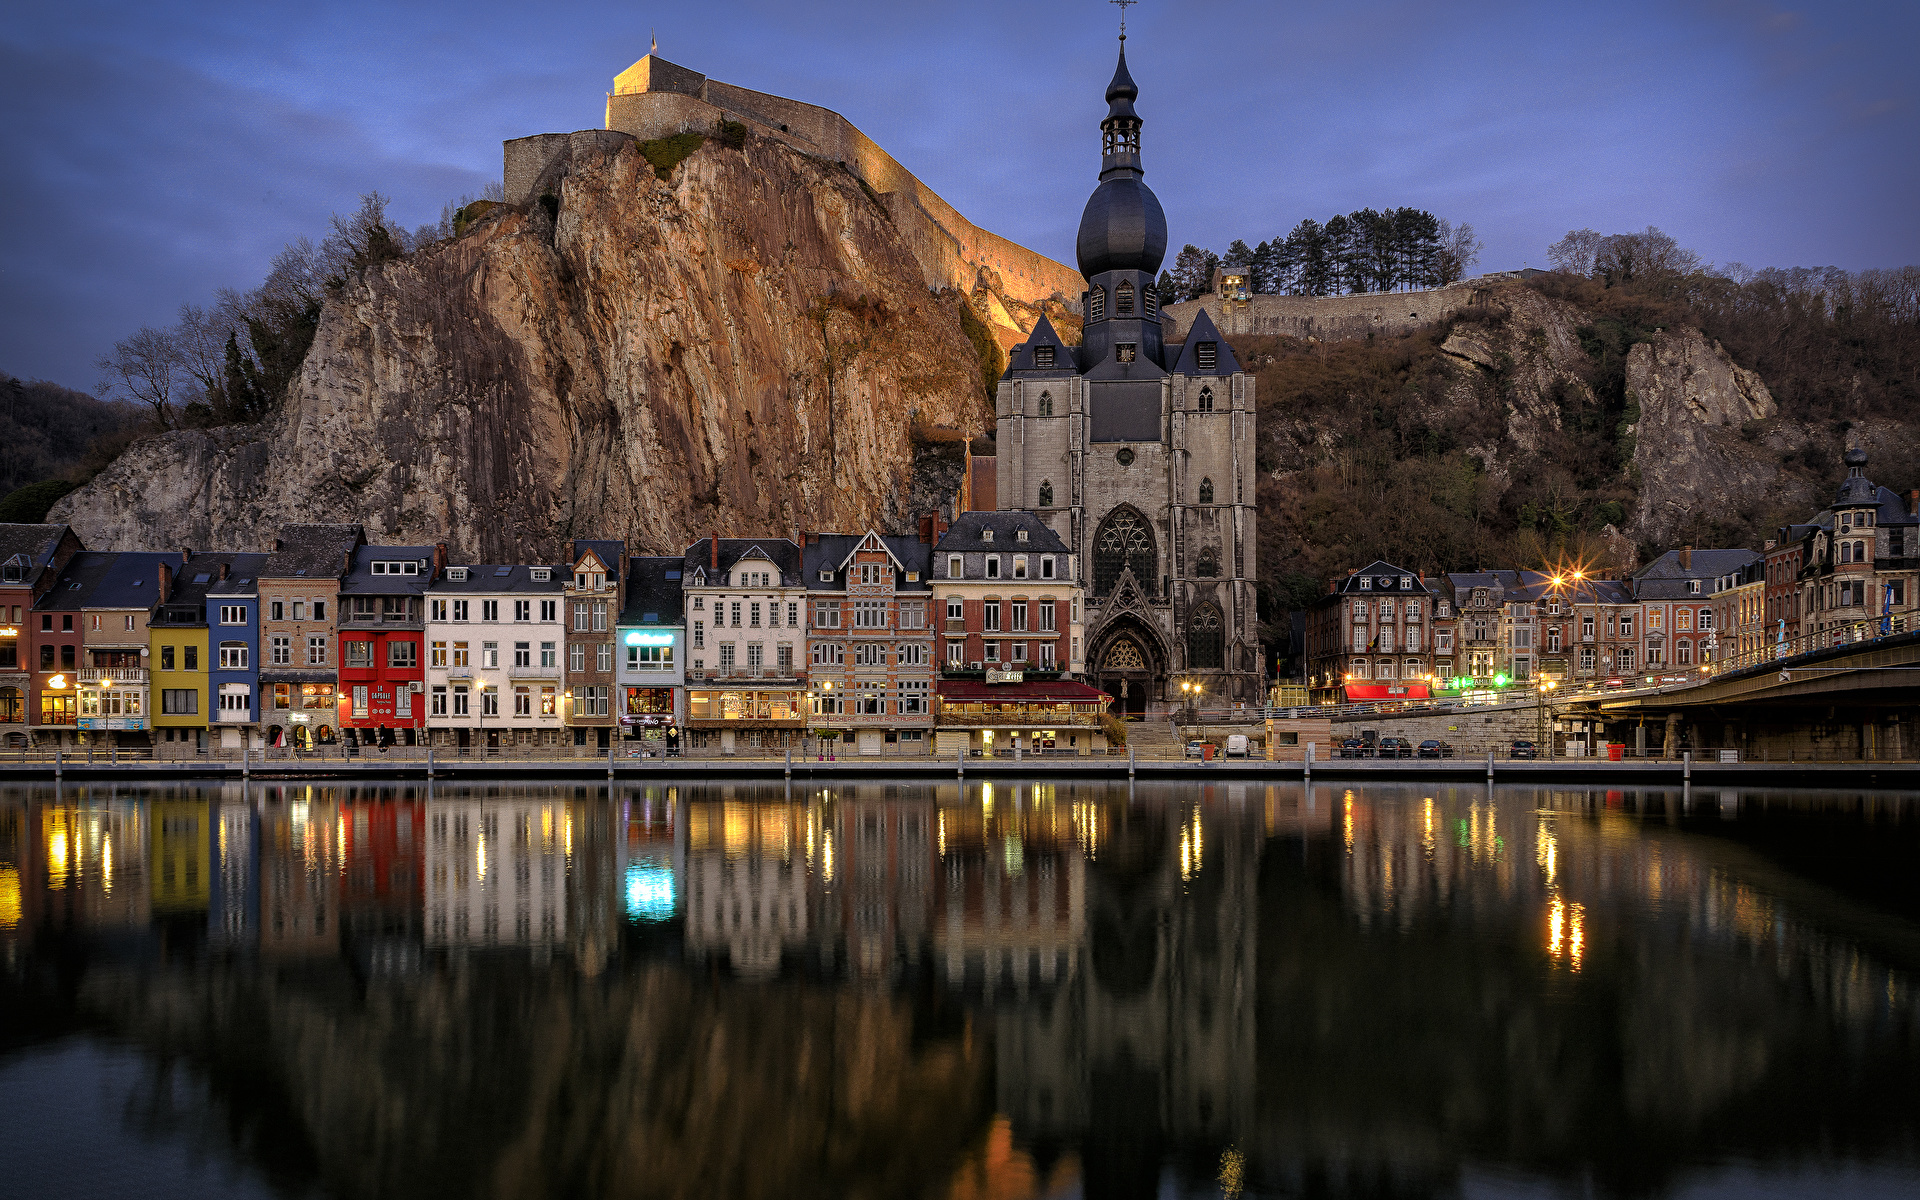 Картинки Бельгия Dinant Скала Реки Вечер Храмы Дома Города 1920x1200 Утес скалы скале речка Здания